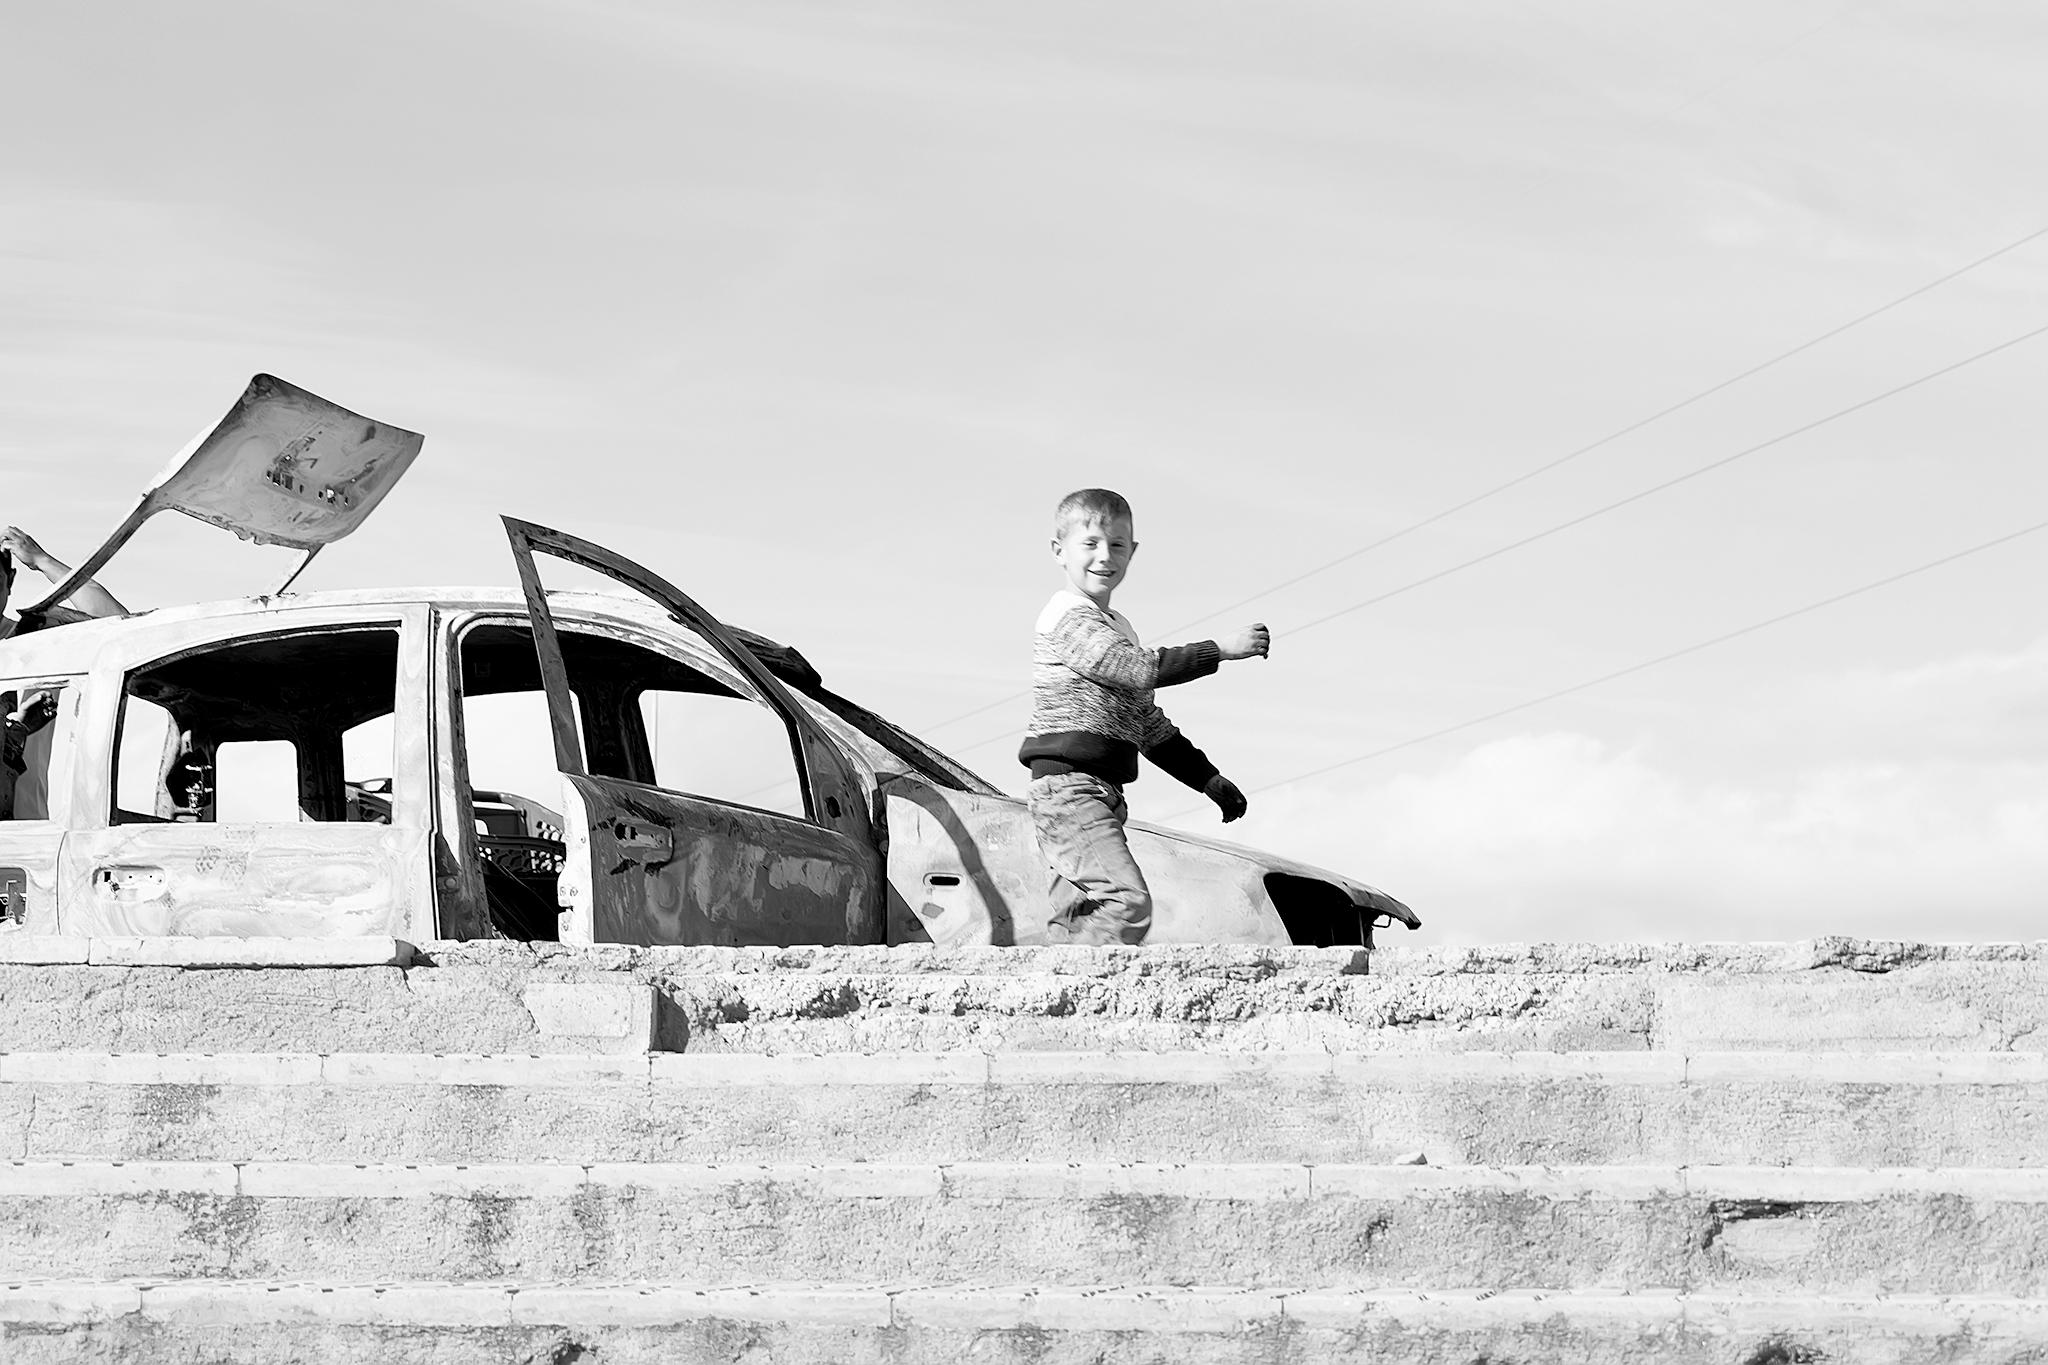 Diseñado con una esperanza de vida de unos dos años para paliar los daños causados tras las fuertes riadas de las primeras semanas de 1970, casi cincuenta años después, El Puche sigue siendo una realidad para las más de mil familias que exiliadas de barrios como La Chanca o el Barrio Alto aún habitan en él.